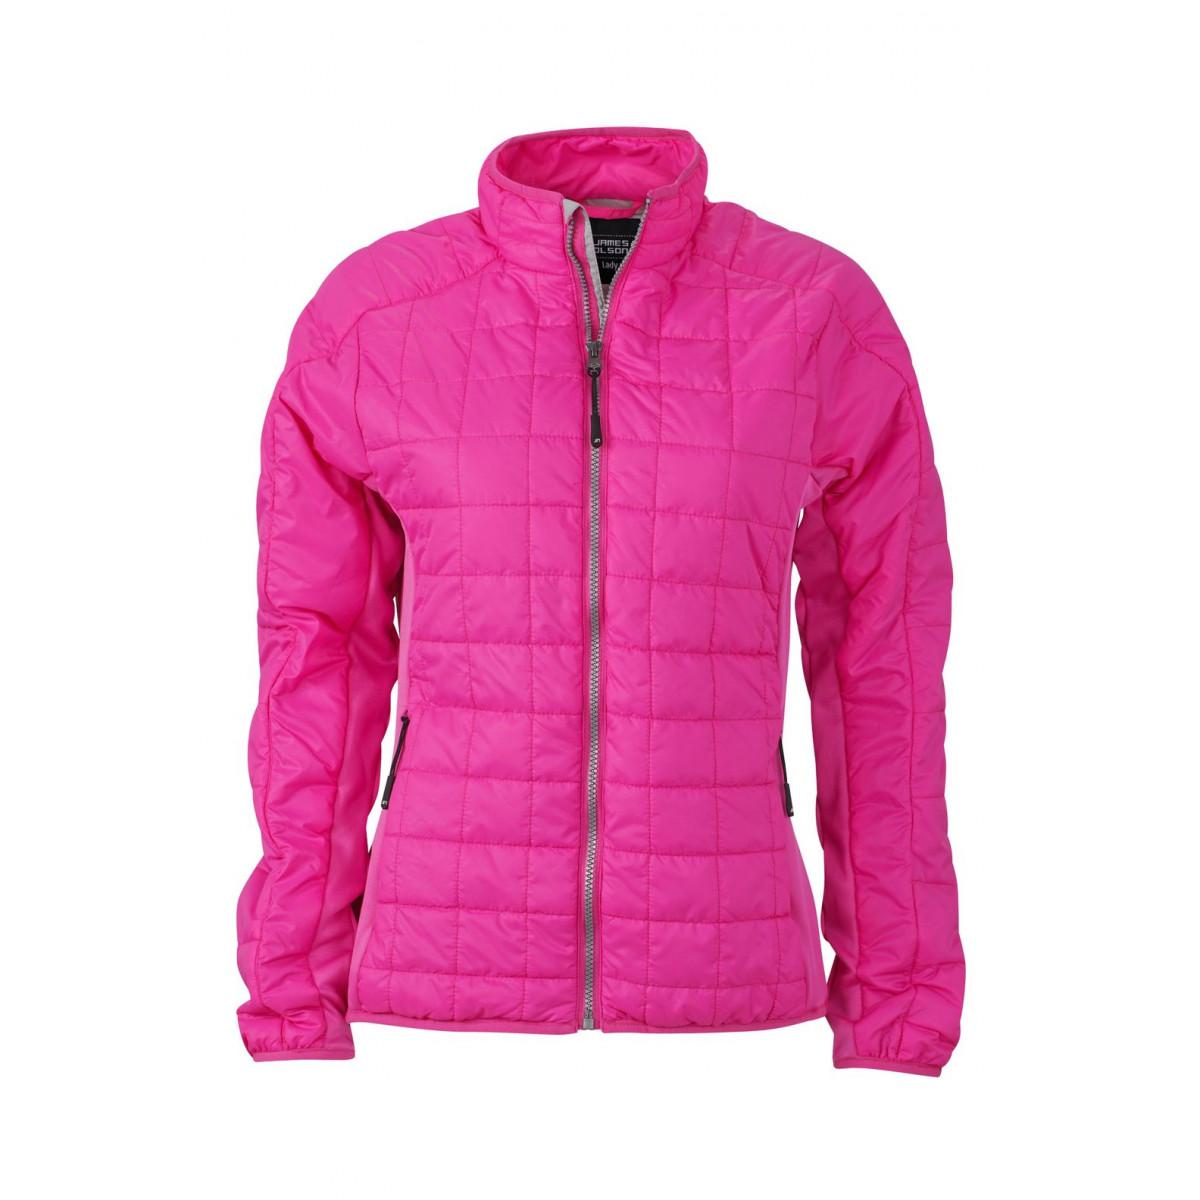 Куртка женская JN1115 Ladies Hybrid Jacket - Розовый/Серебряный